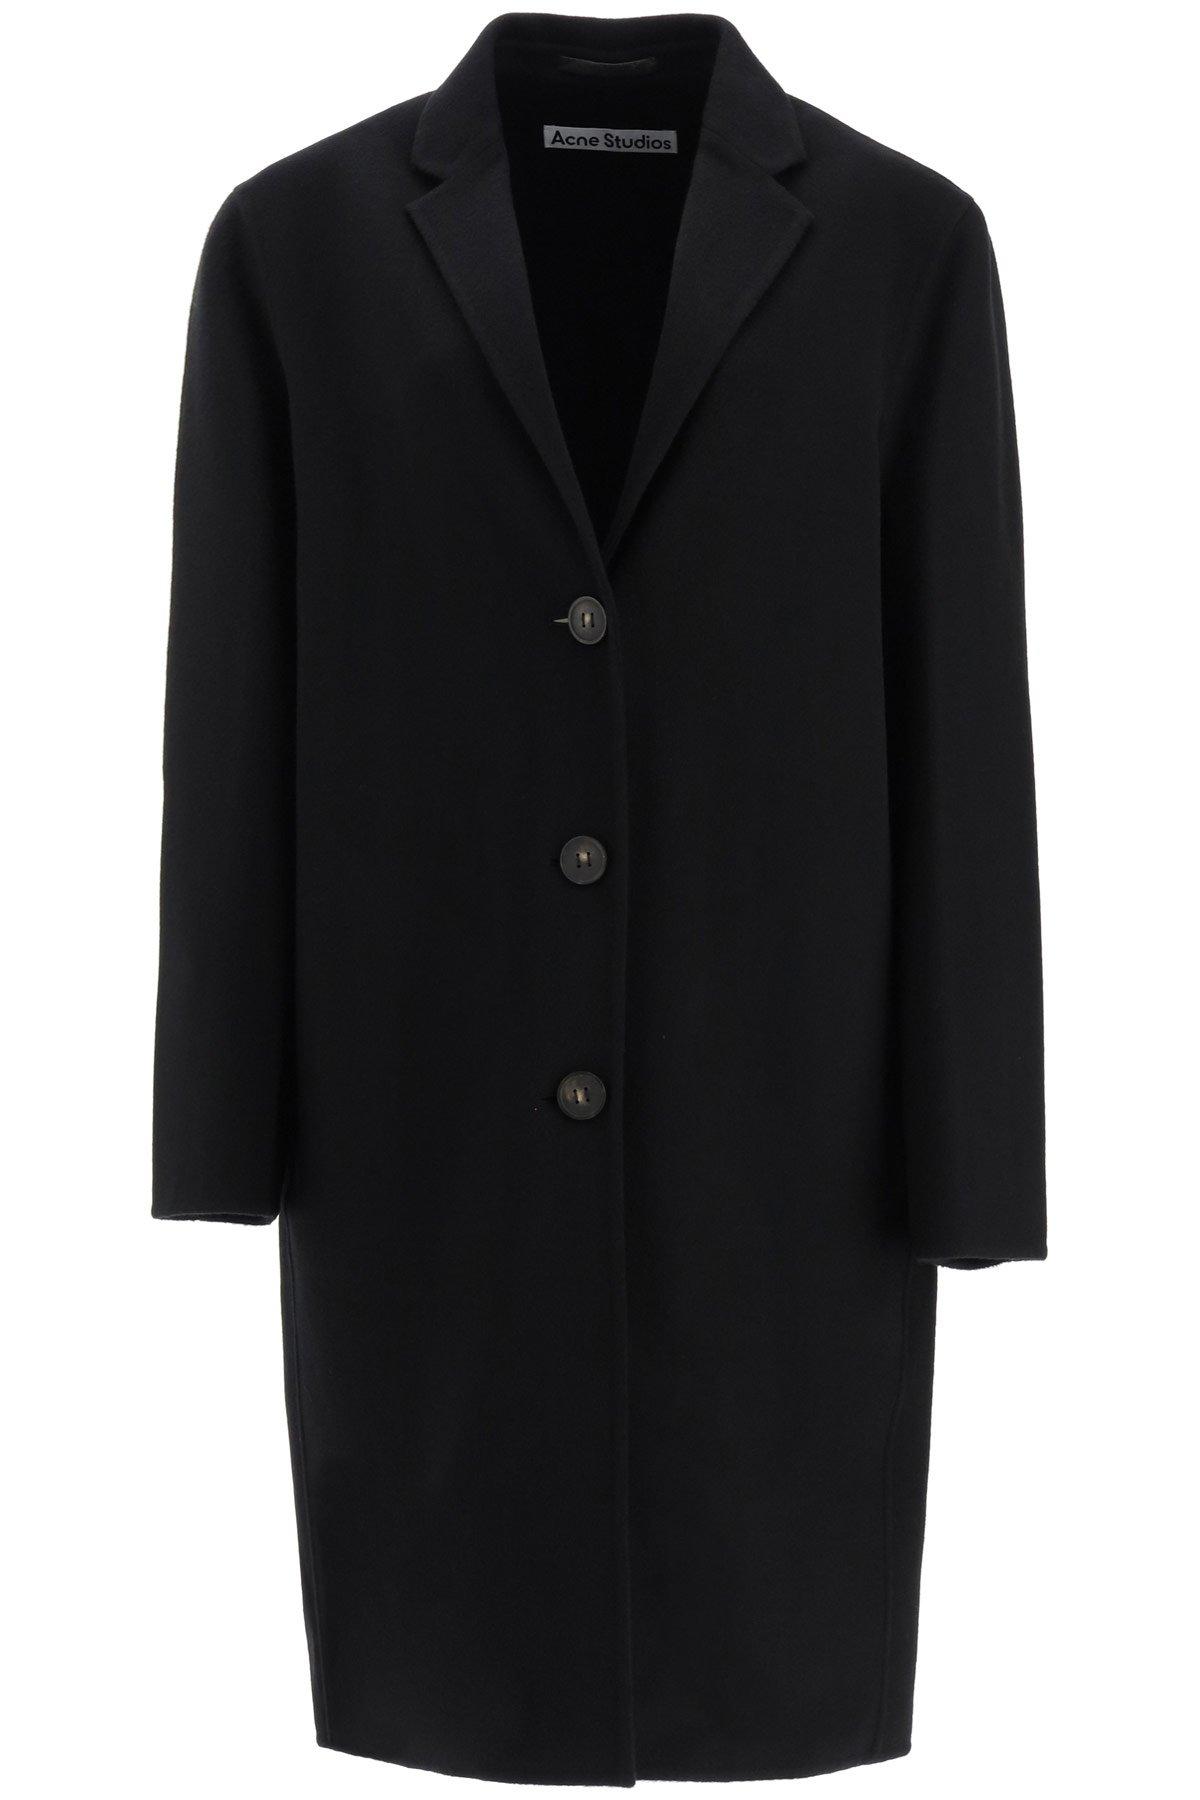 Acne studios cappotto midi in lana